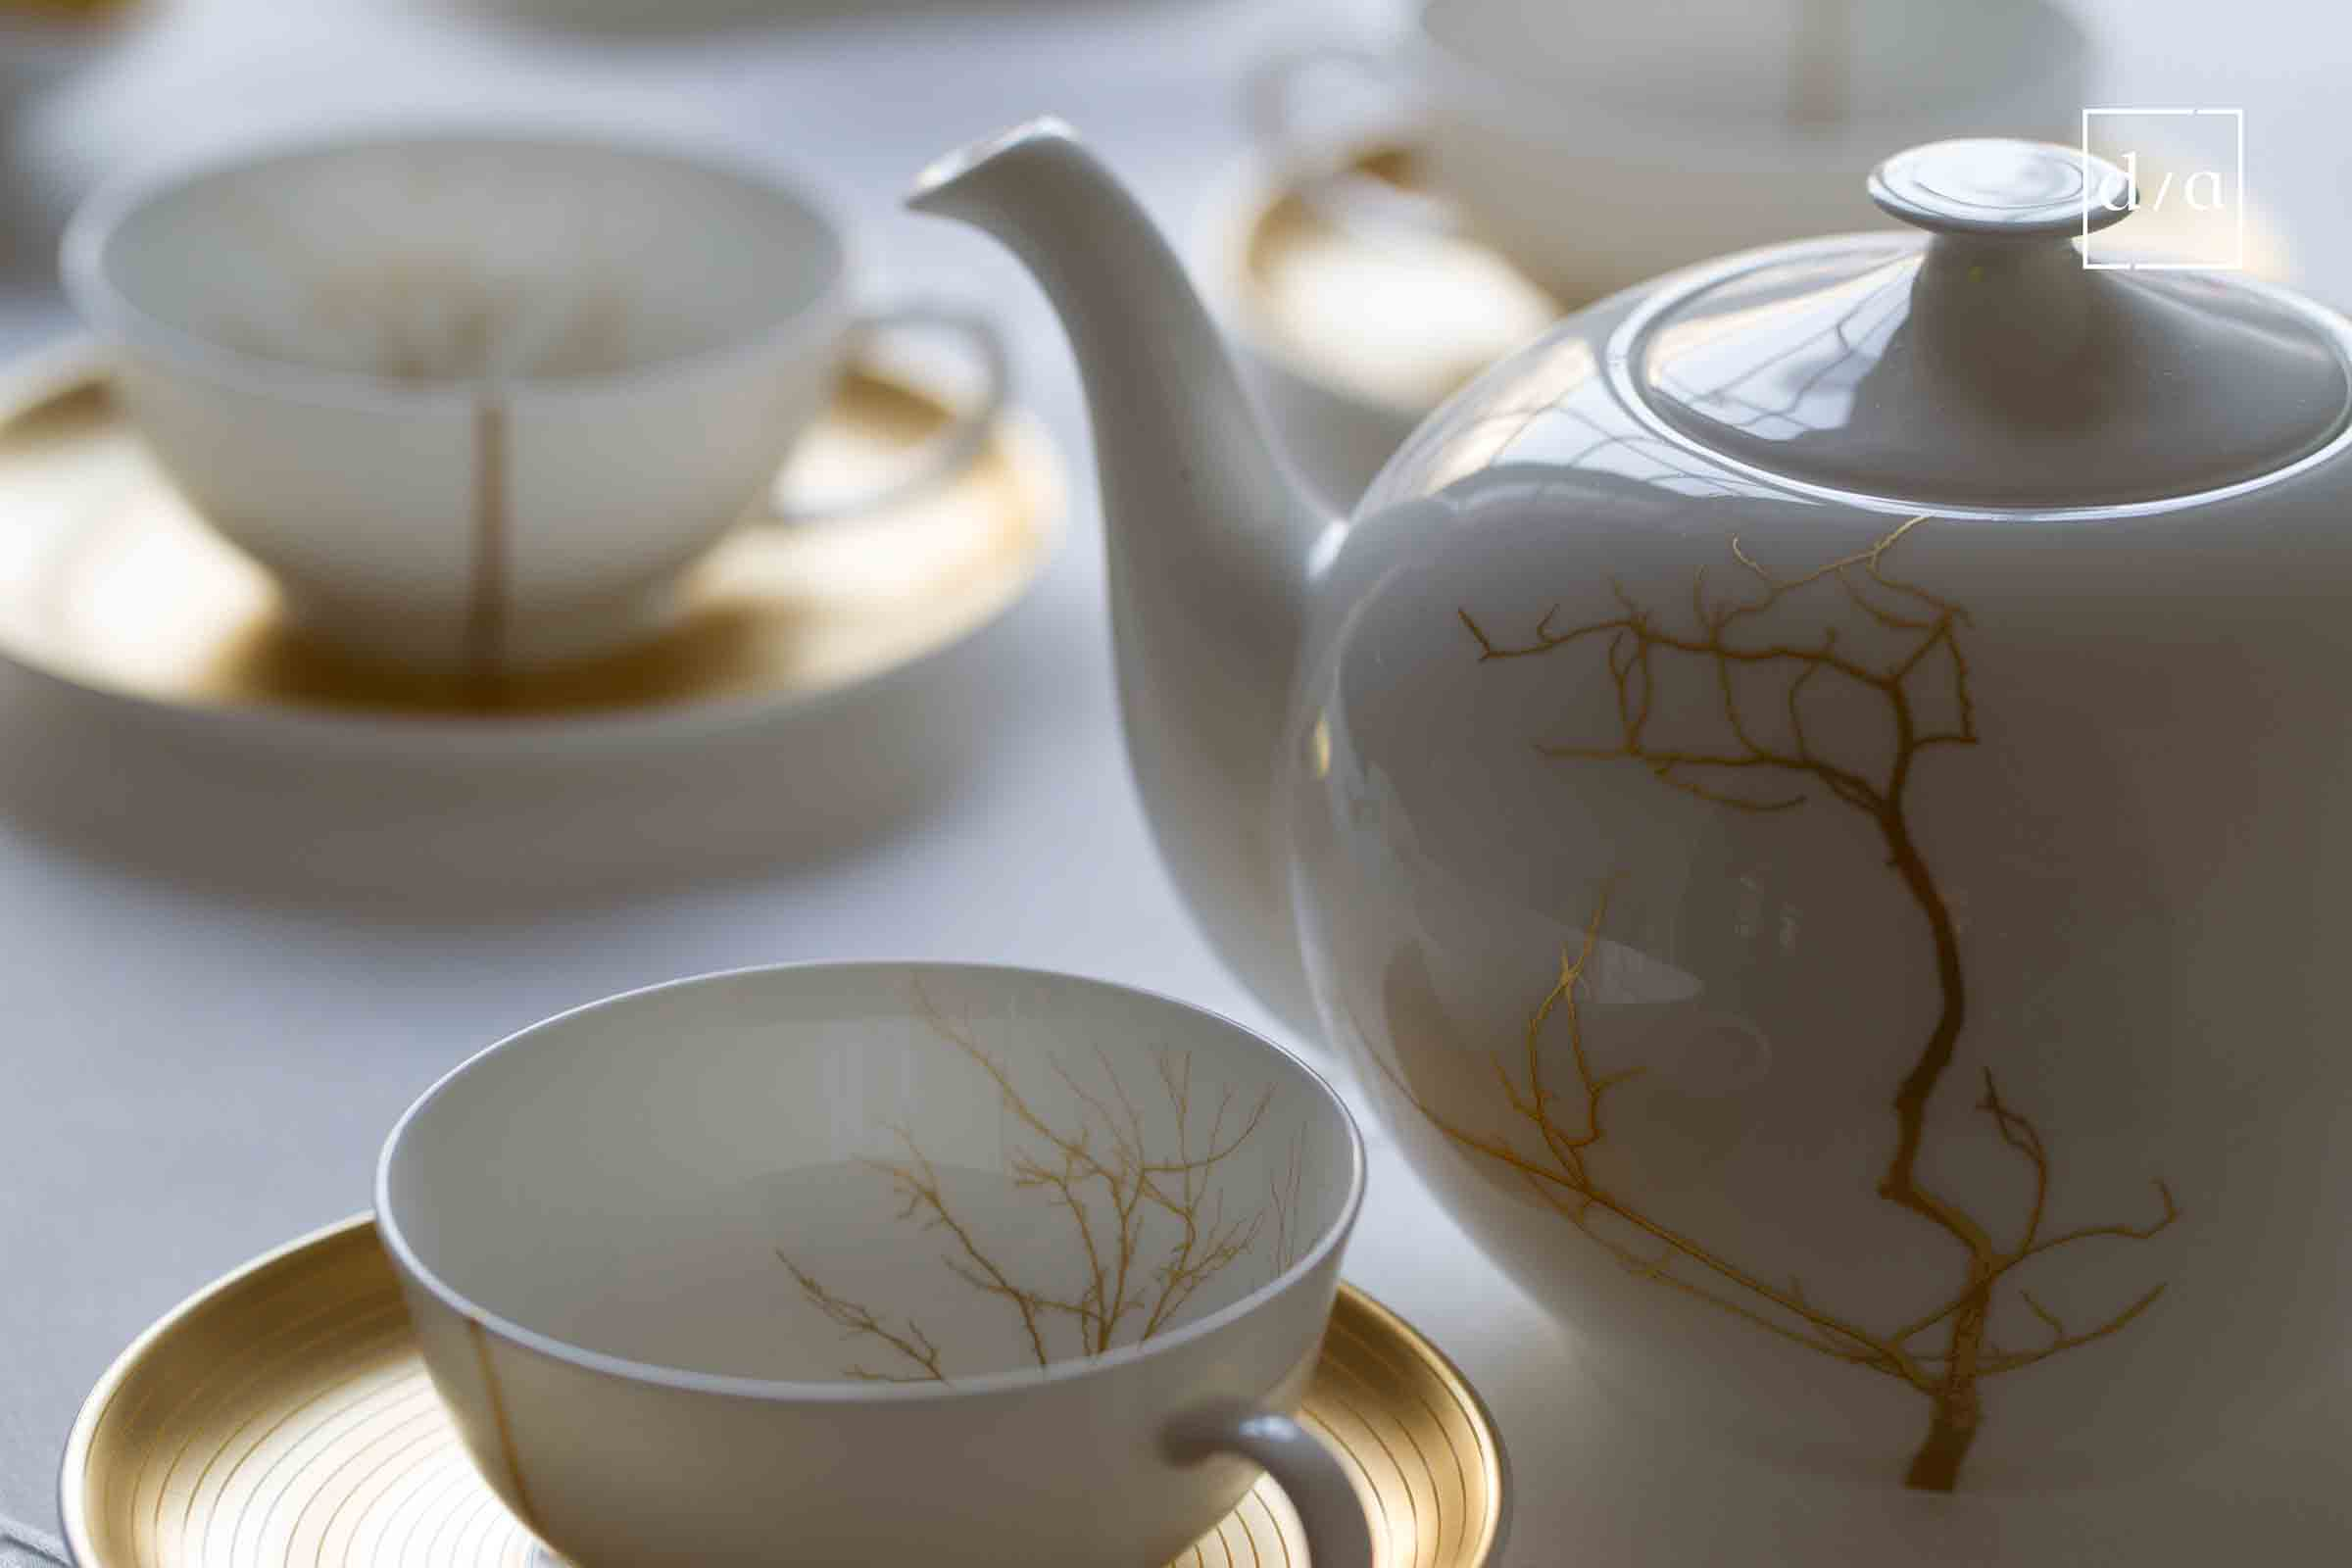 0117407200_Dibbern_Golden Forest_Teapot Round AMB1.jpg